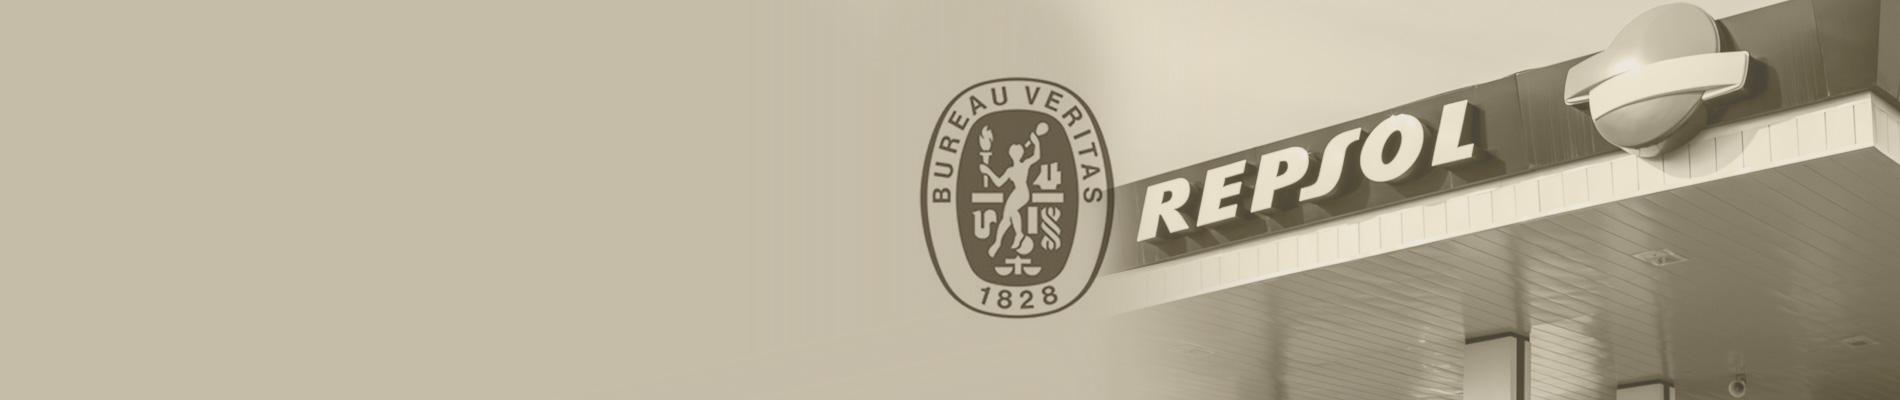 carrida-Premio Bureau Veritas